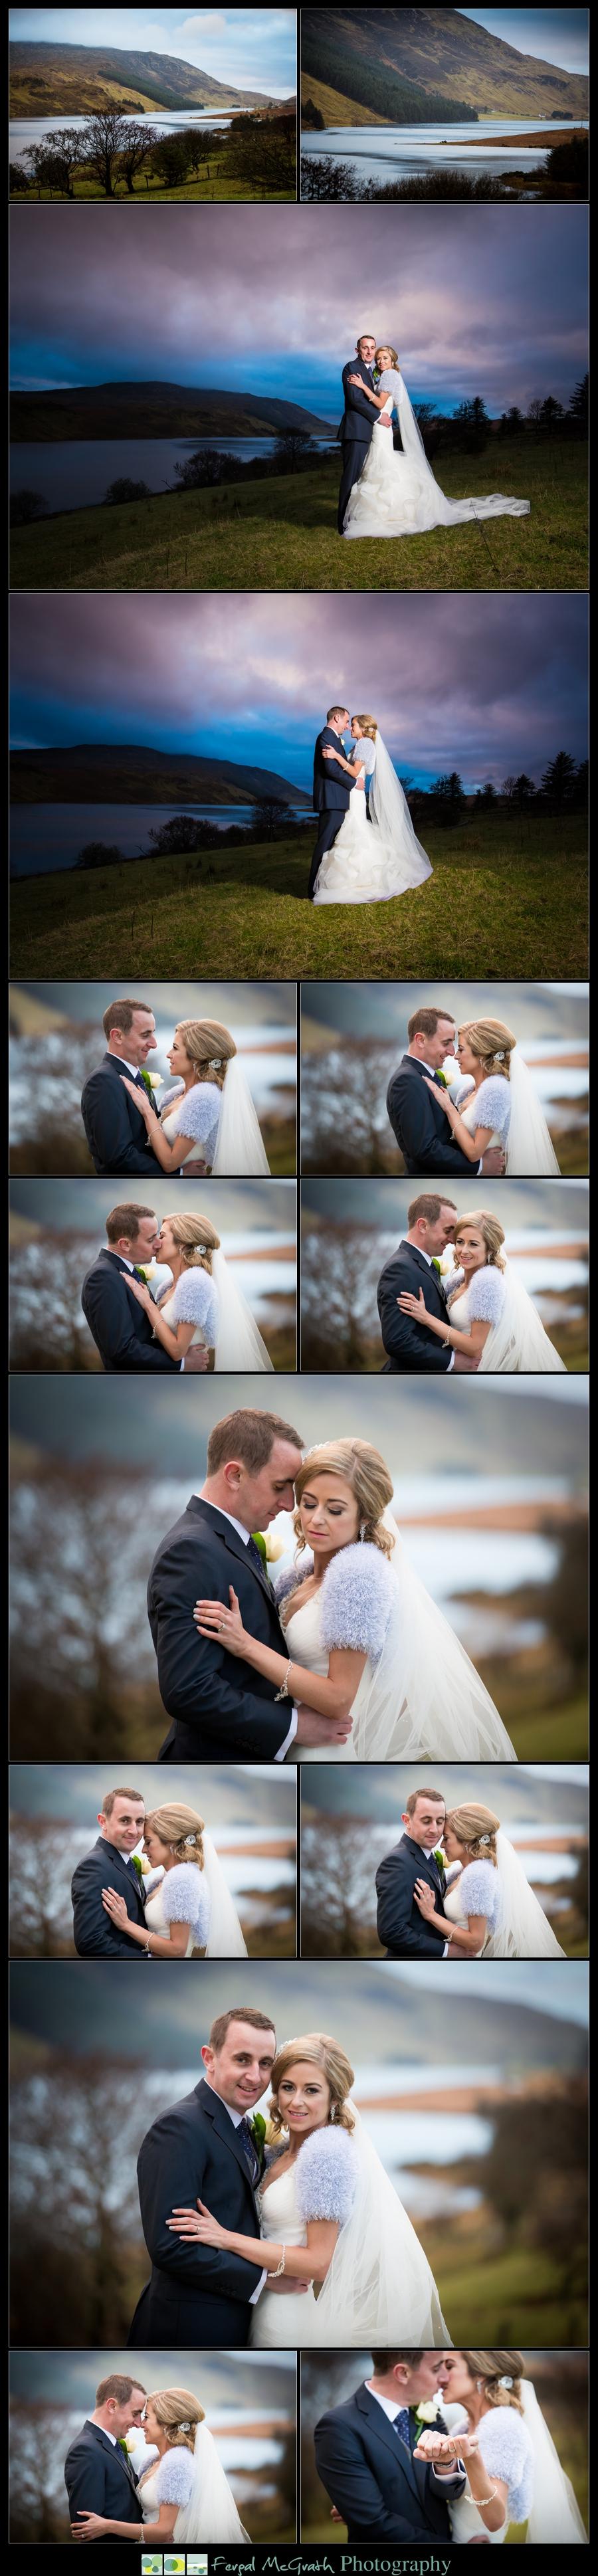 Silver Tassie Hotel Christmas Wedding photos taken in Fintown